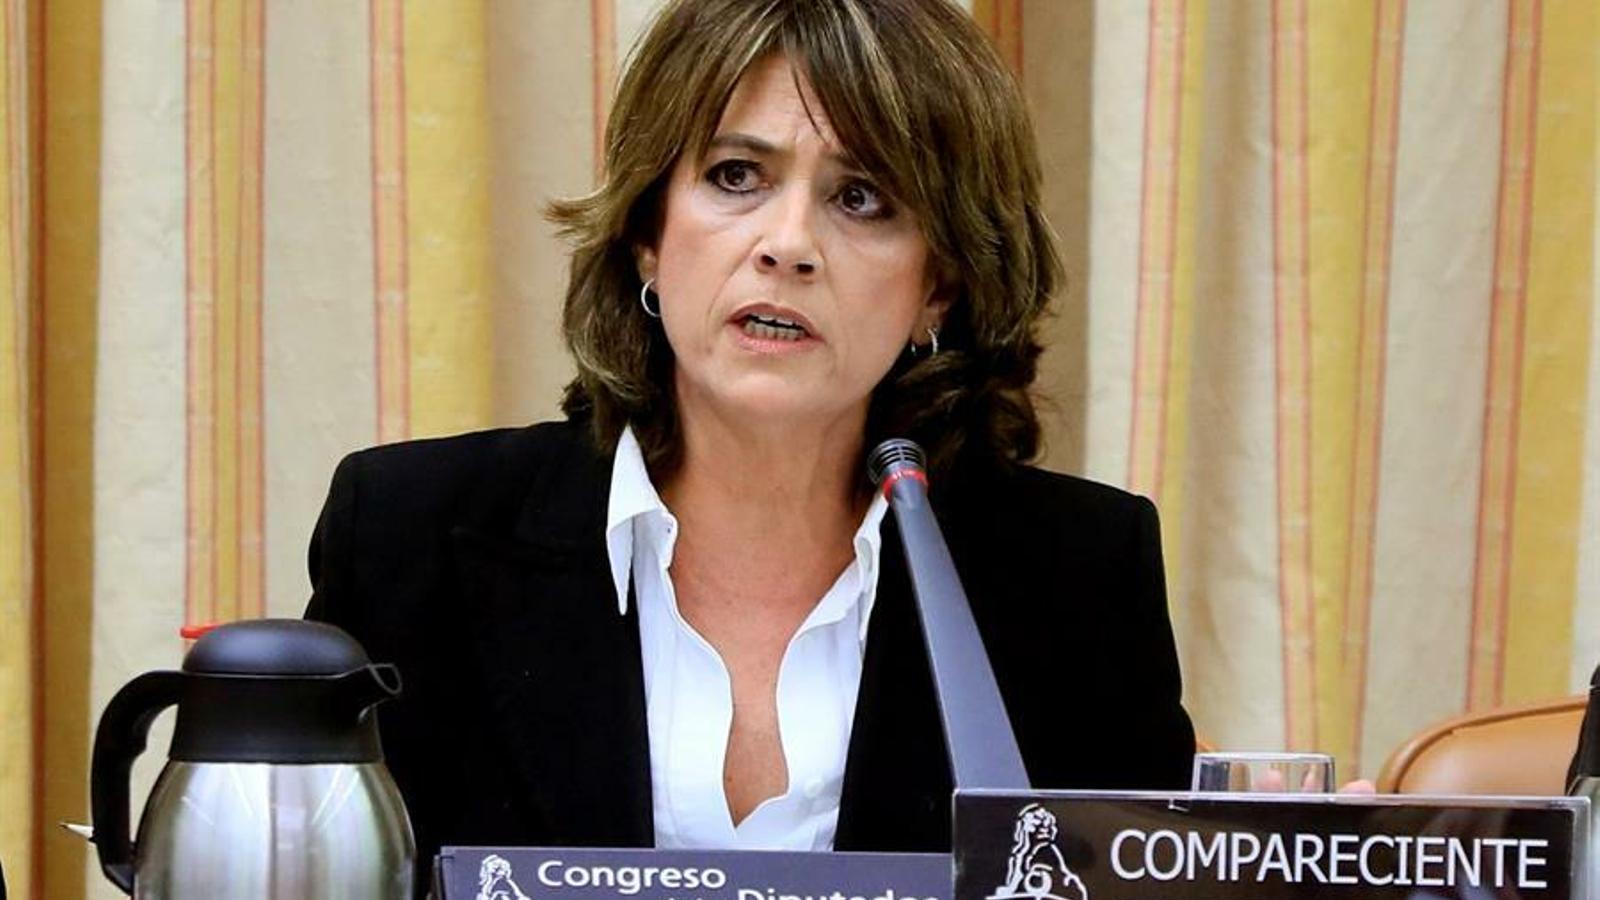 La futura fiscal general de l'Estat, Dolores Delgado, en la compareixença davant la comissió de Justícia del Congrés